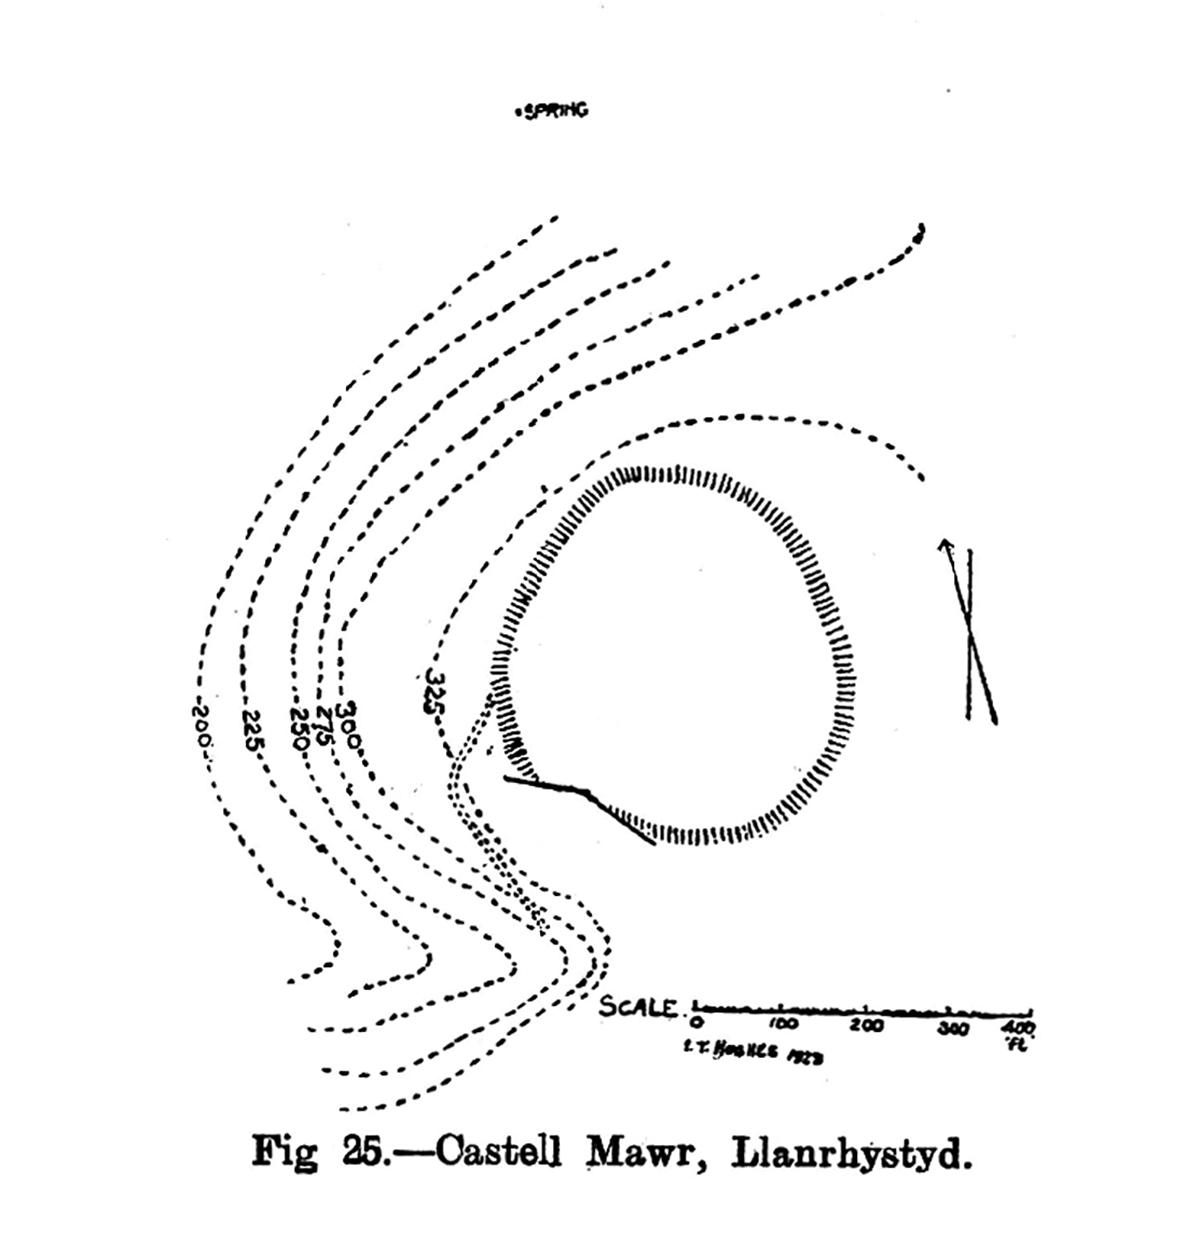 Cynllun y safle Castell Mawr Llanrhystyd